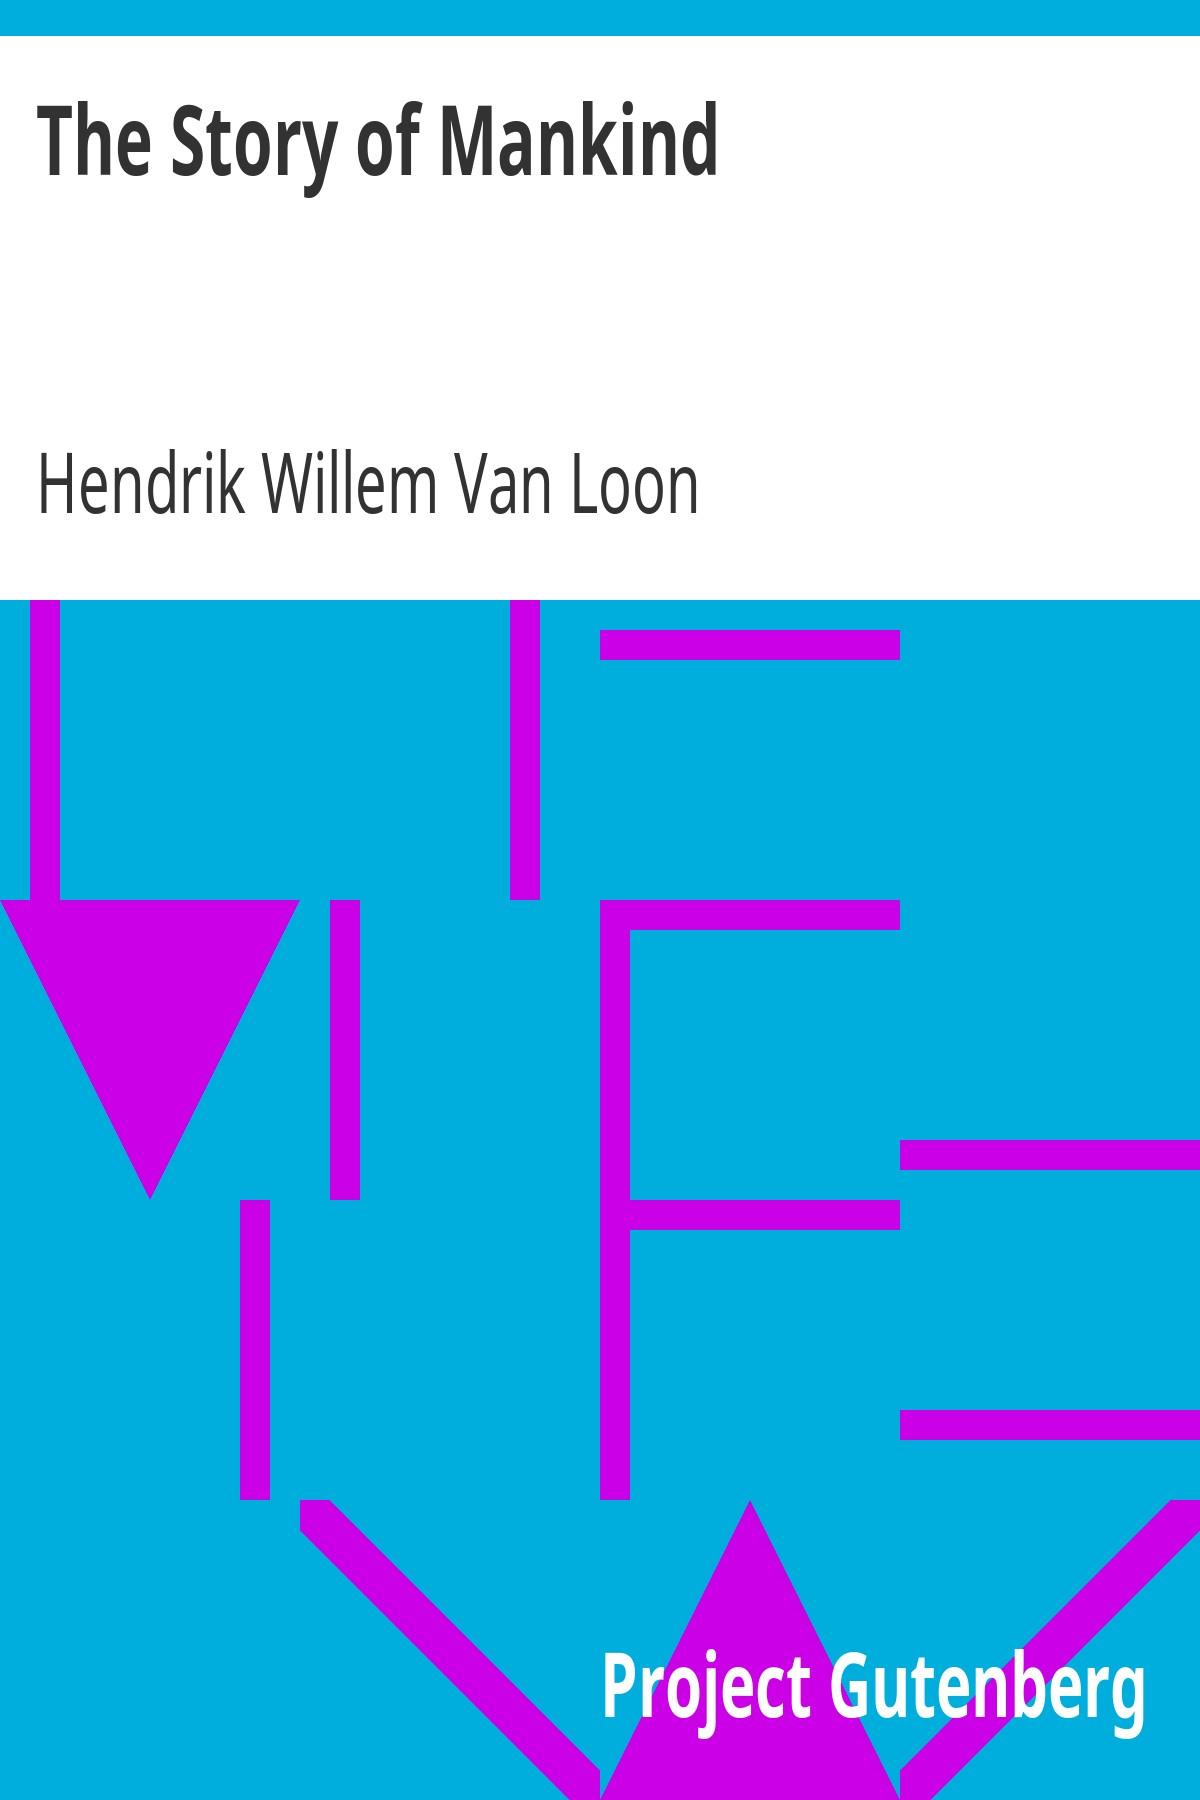 Hendrik Willem Van Loon The Story of Mankind